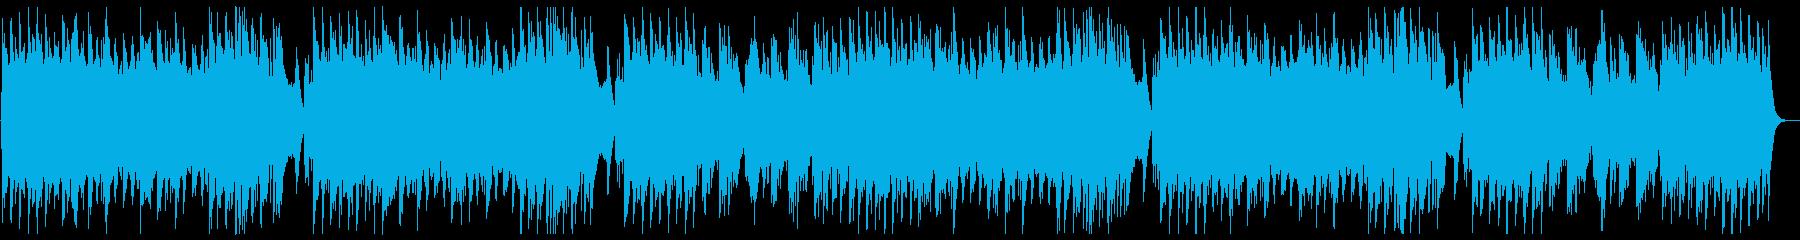 心地よいリズムで可愛いオルゴールの再生済みの波形